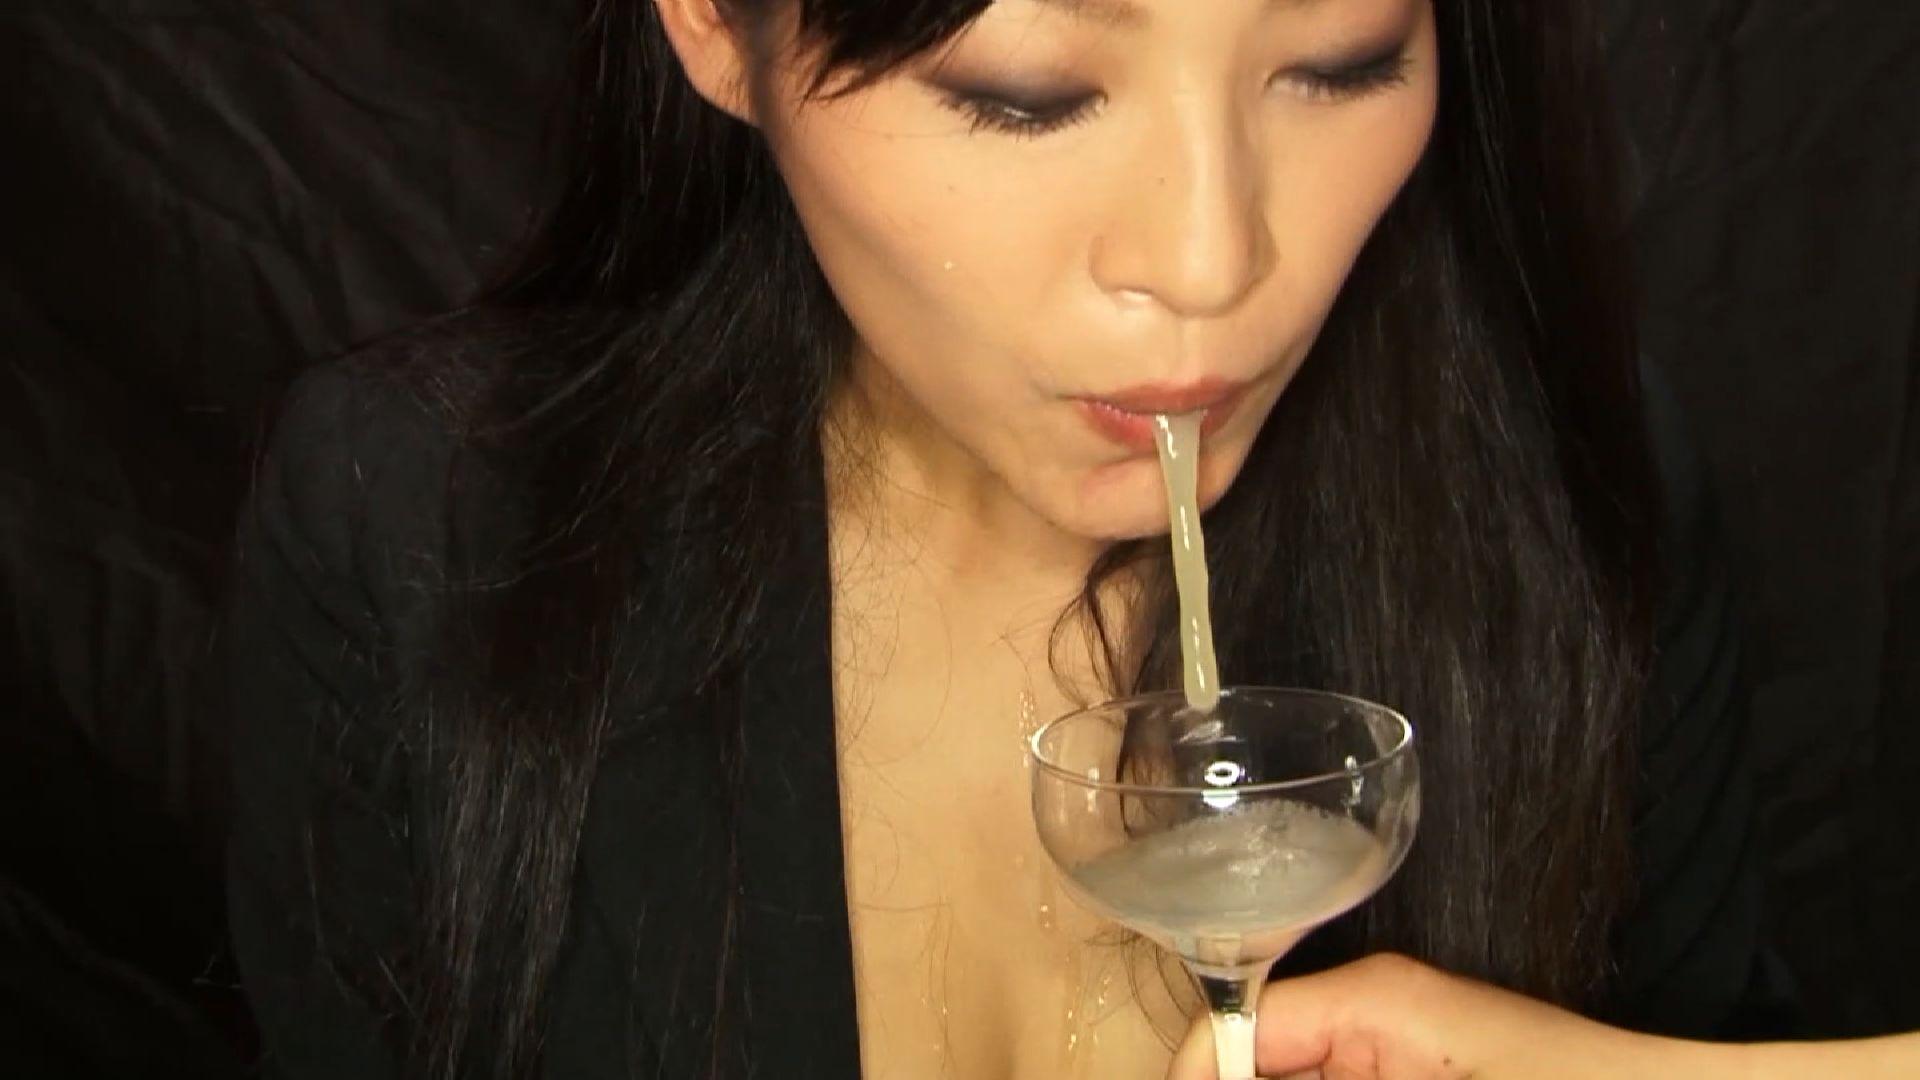 ザーメンごっくんはお好きですか57 [無断転載禁止]©bbspink.comxvideo>2本 YouTube動画>1本 ->画像>55枚